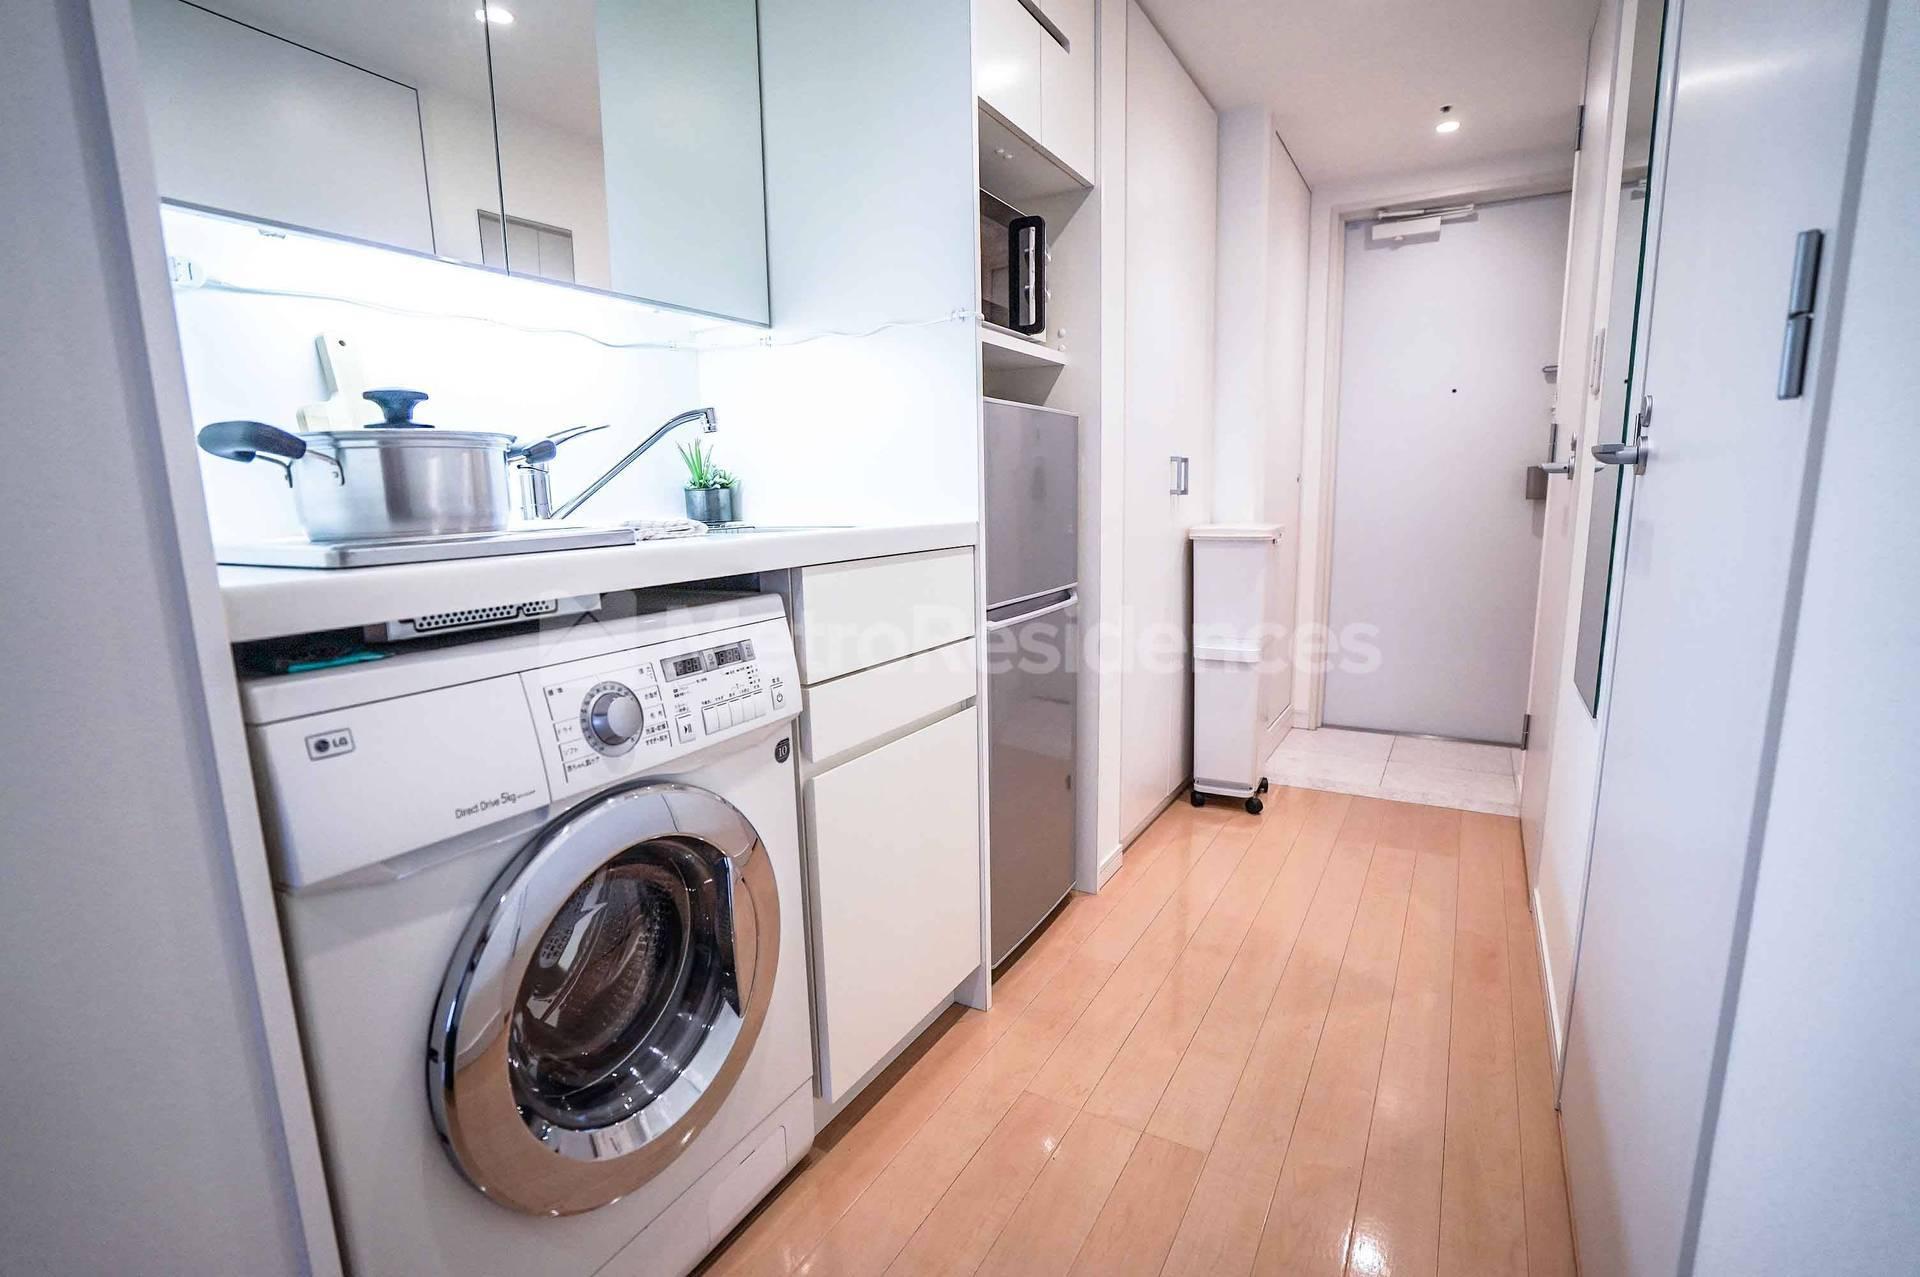 一般的な生活が出来るような家具・家電などが完備されている その2